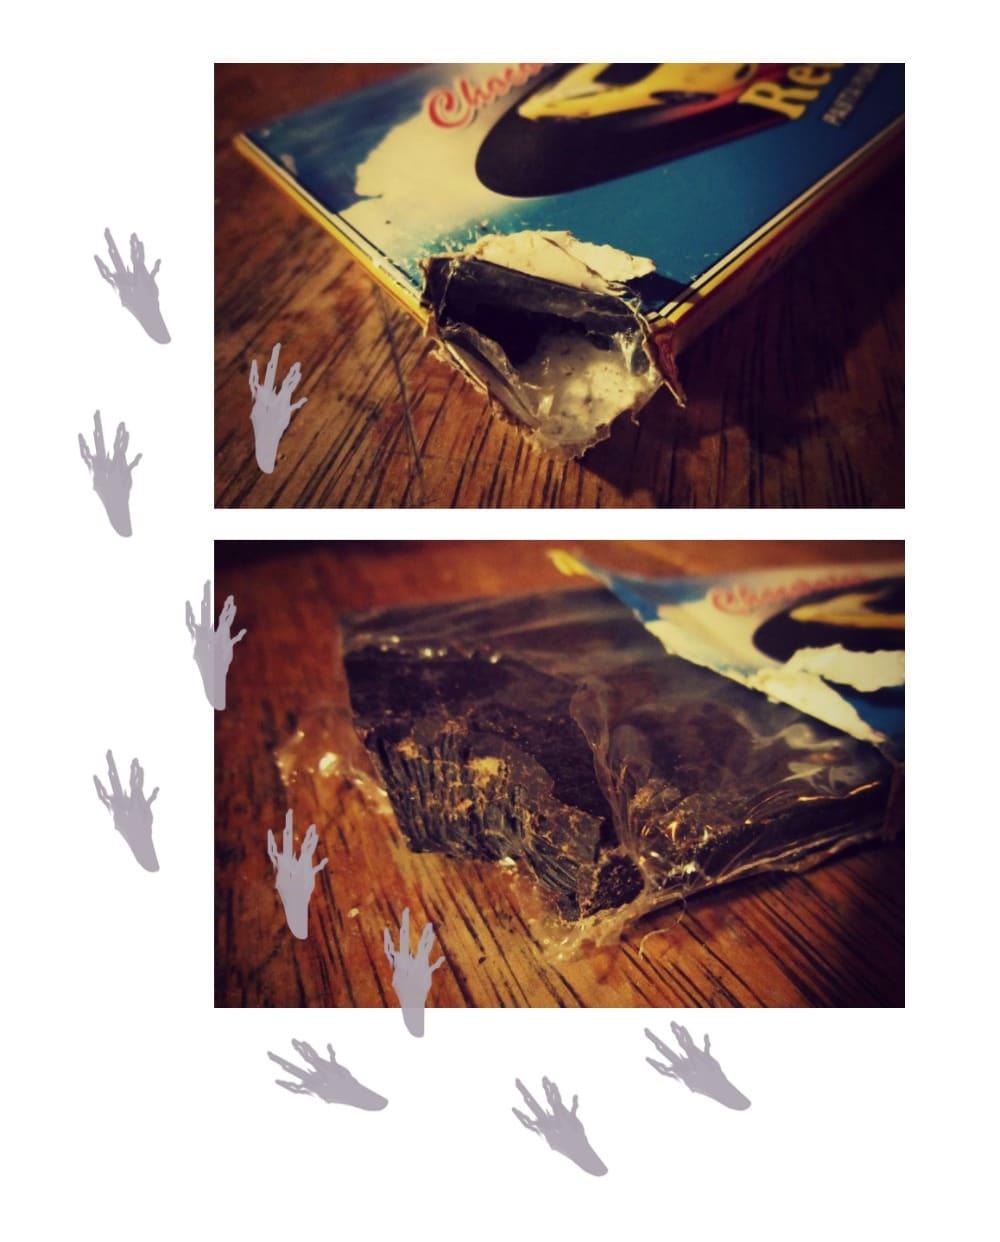 ratten_schokolade